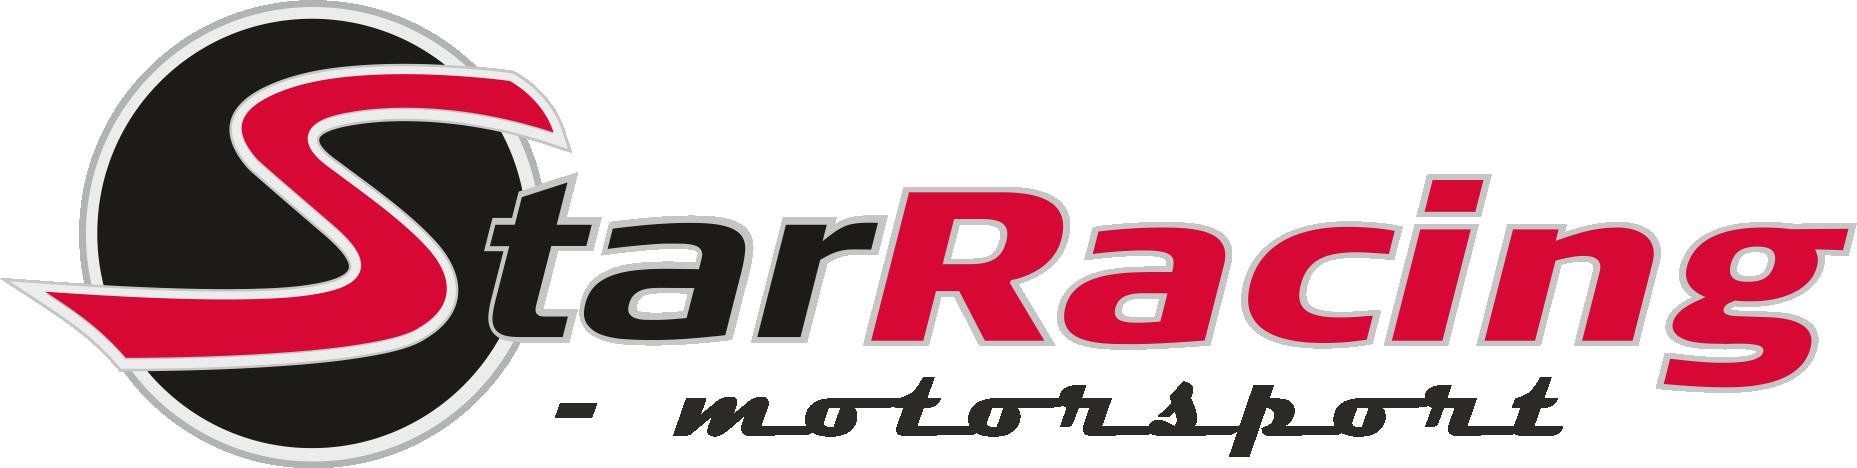 Starracing Motorsport